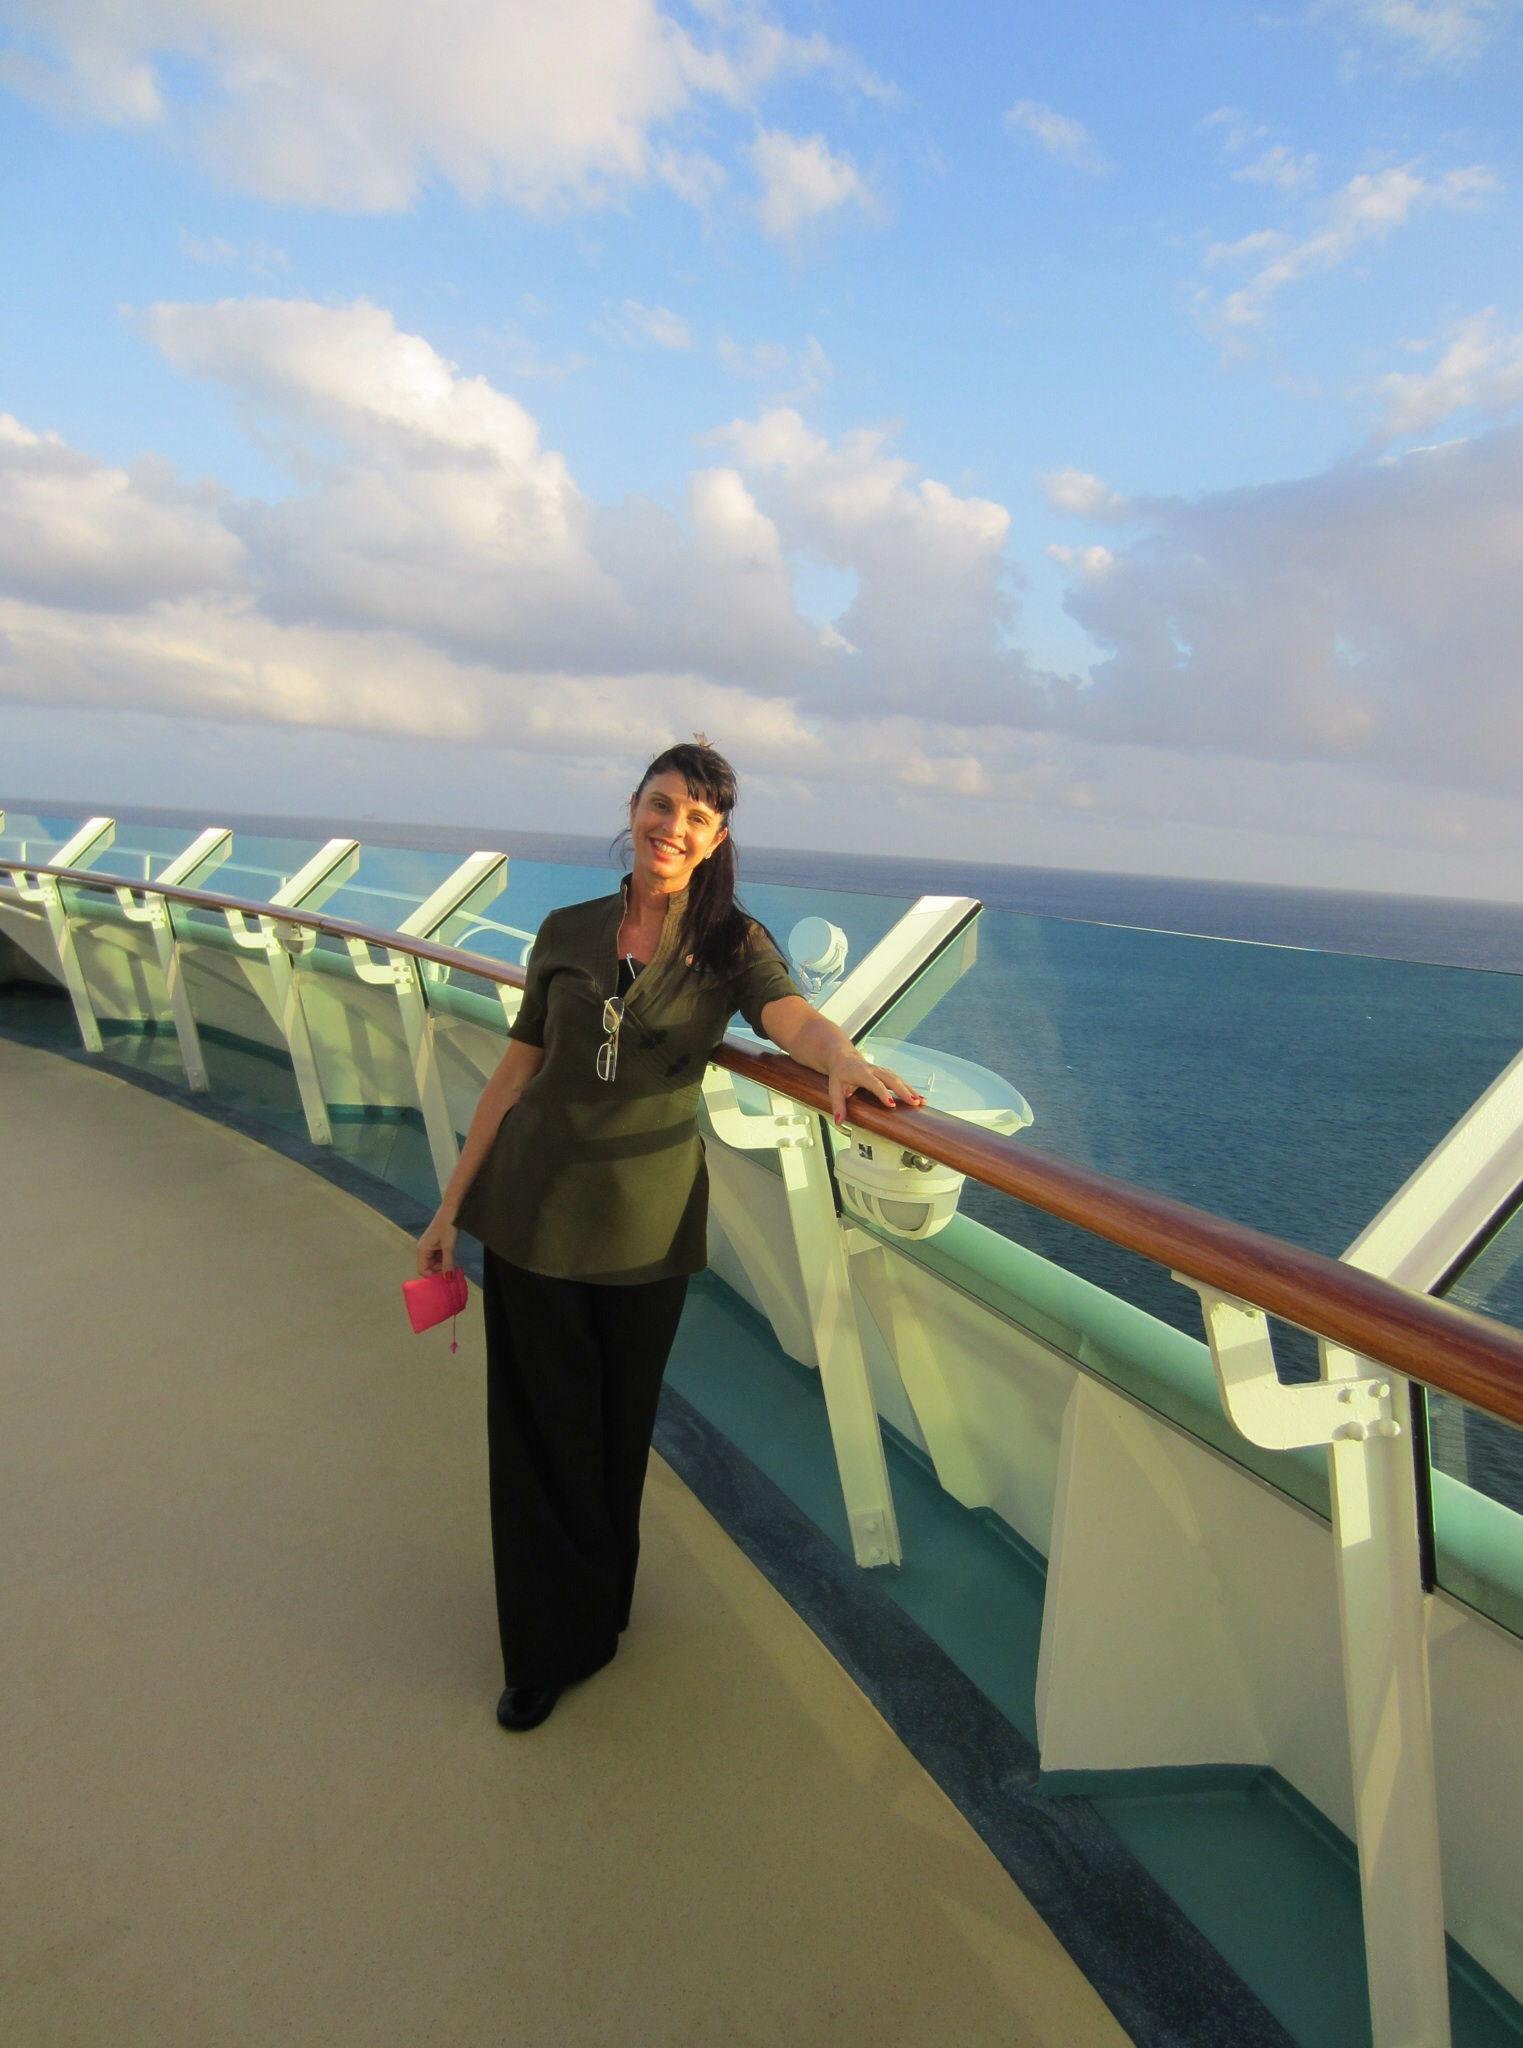 Spa Navegator of the sea Trabalho de estética Facial e corporal nos SPAS  da empresa Naval Royal Caribbean Cruise  fisioterapeuta